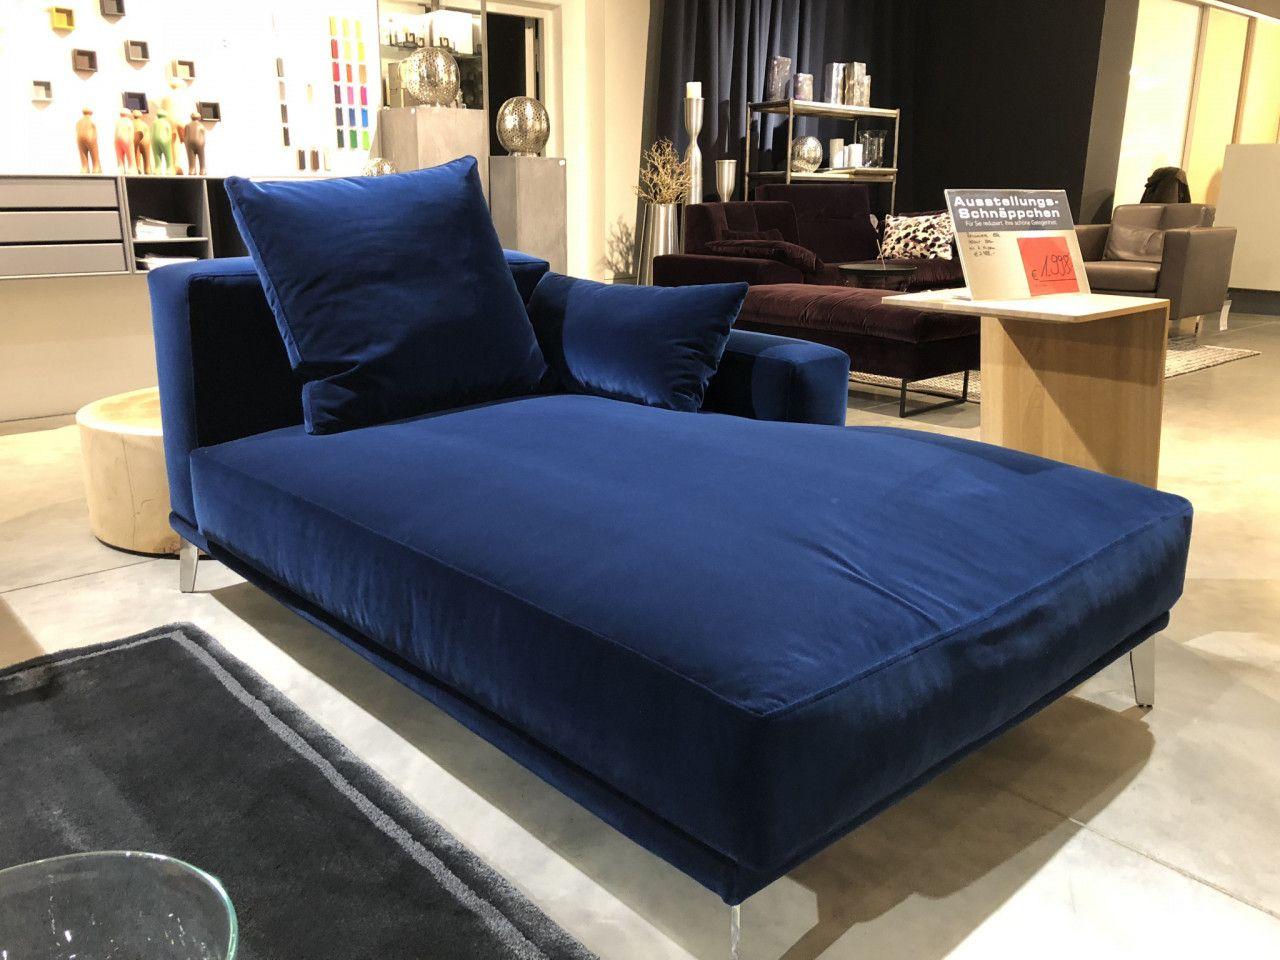 Full Size of Grozgige Recamiere In Blauem Samt Sofa Couch Trend Mbel Mit Wohnzimmer Recamiere Samt